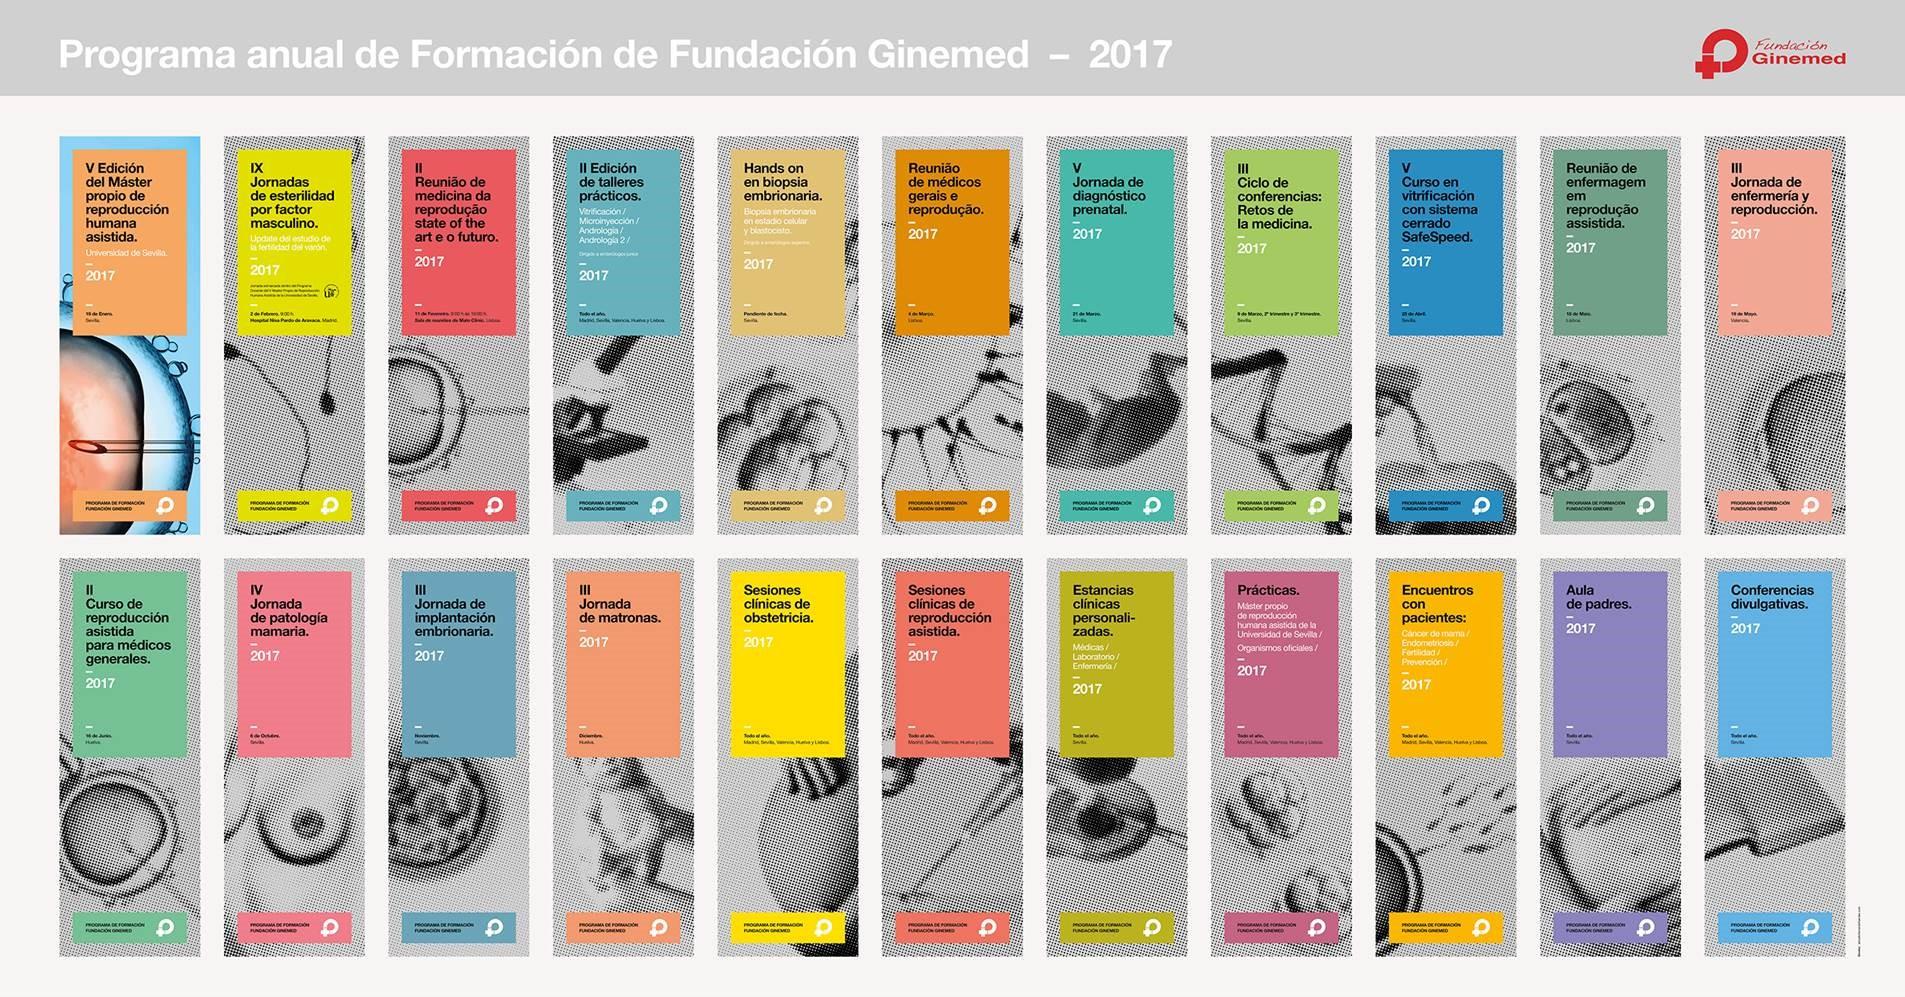 Programa anual de formación de fundación ginemed